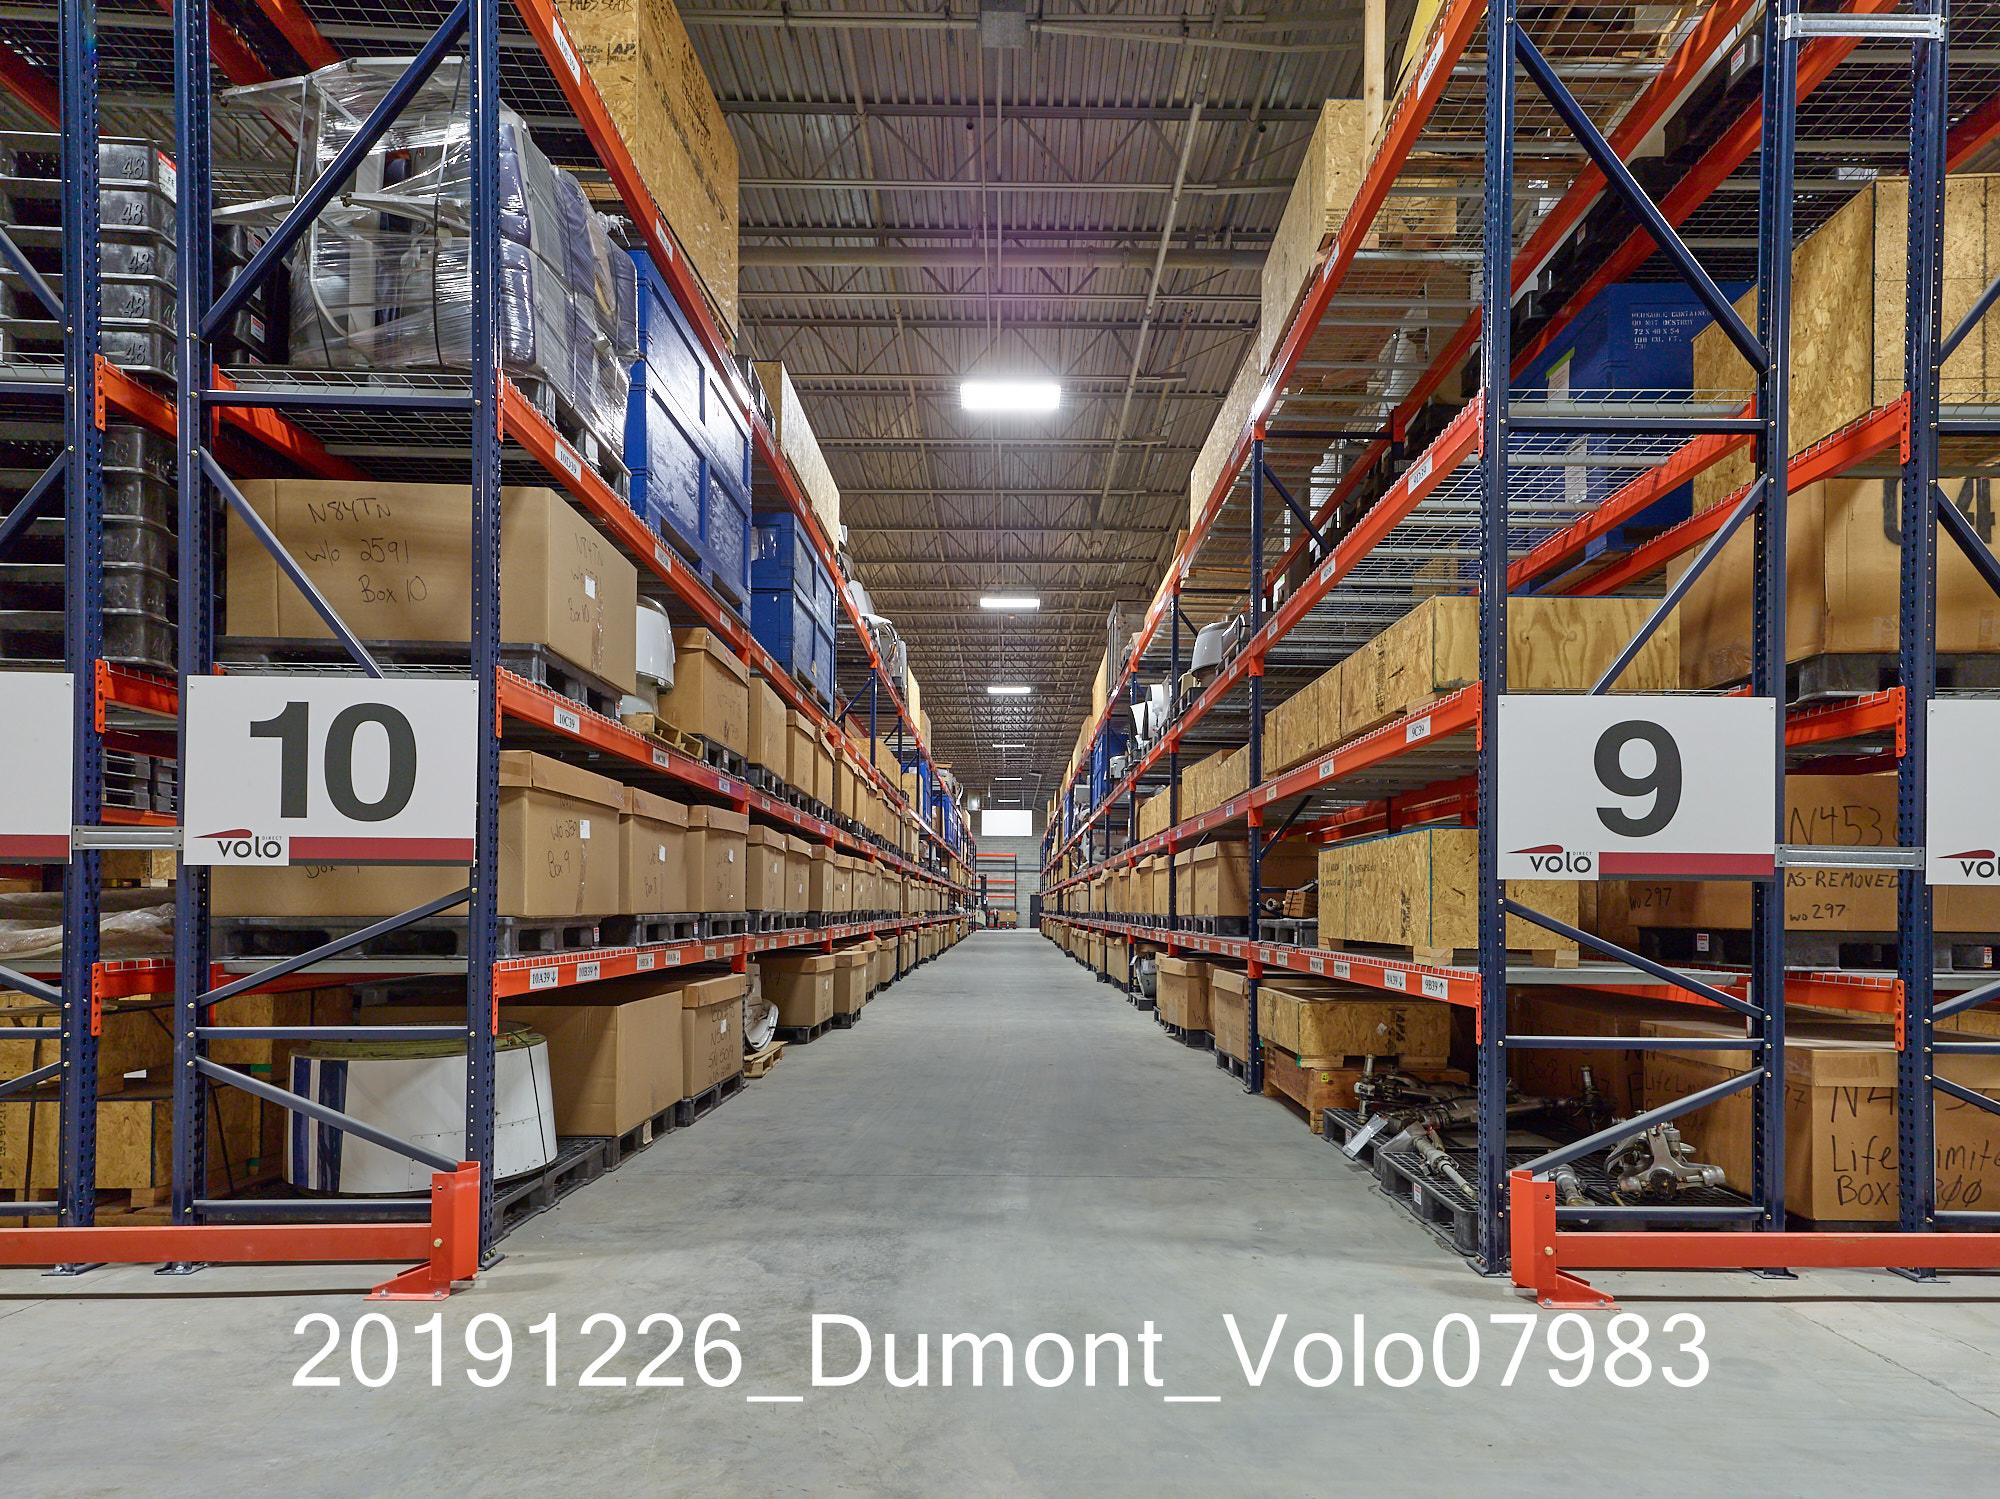 20191226_Dumont_Volo07983.jpg